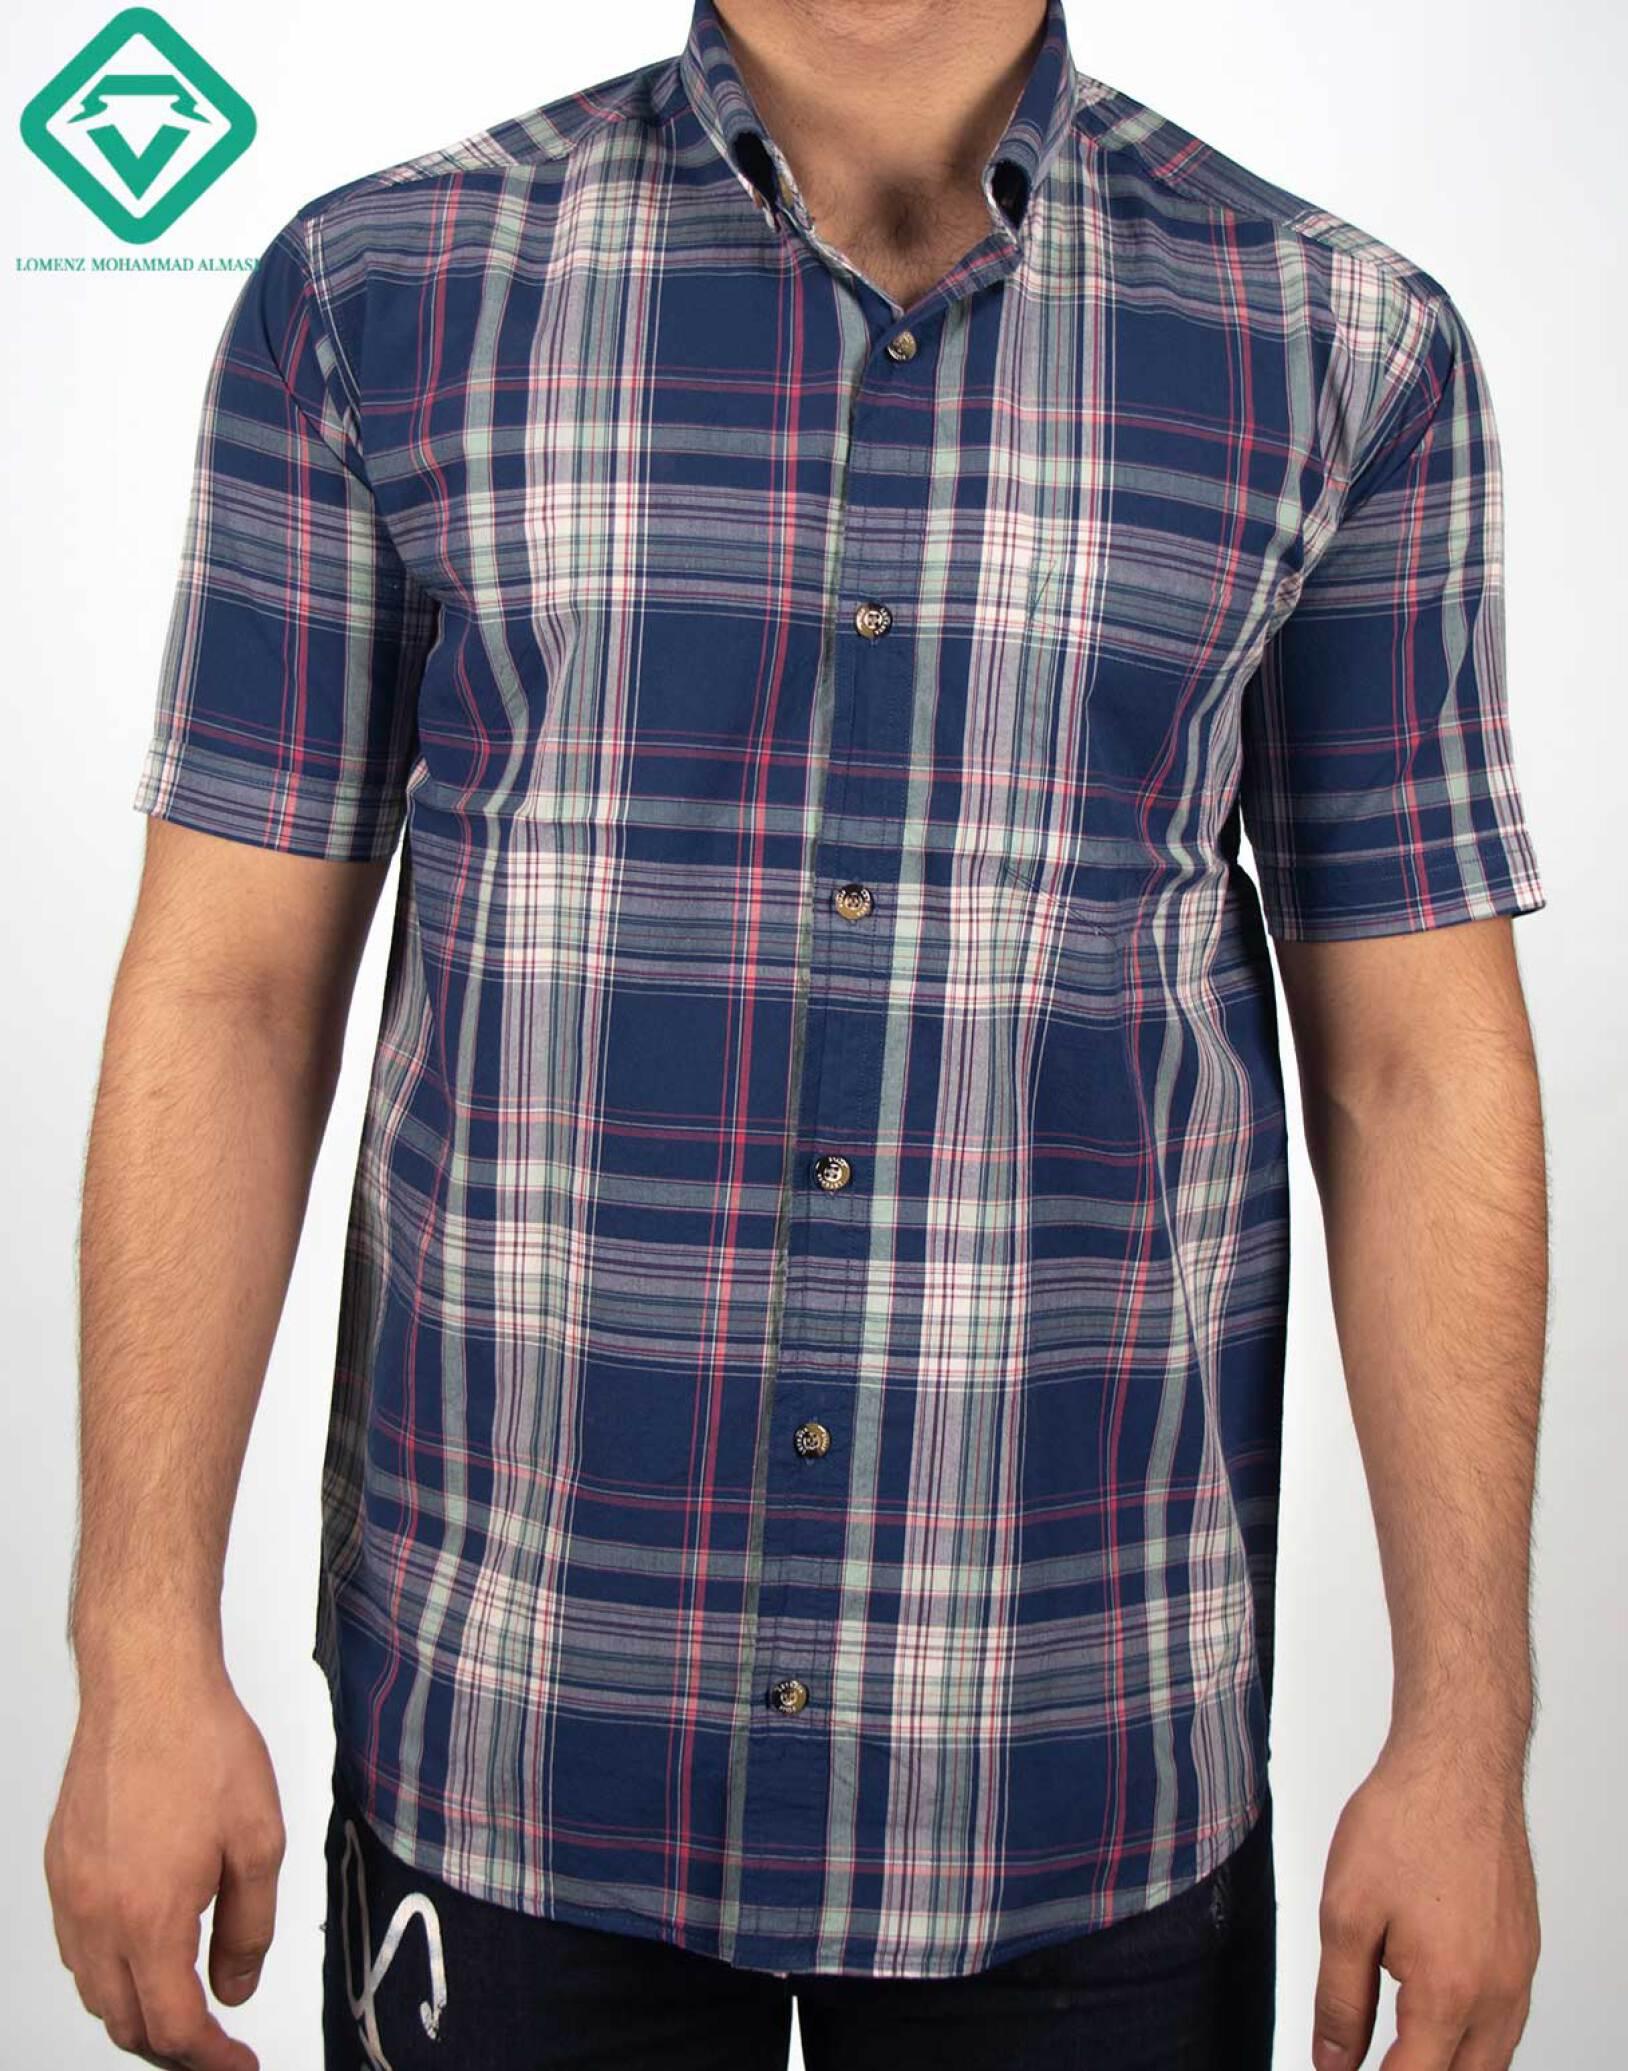 پیراهن اسپرت چهارخونه کد 013 تولید شده توسط سایت لومنز